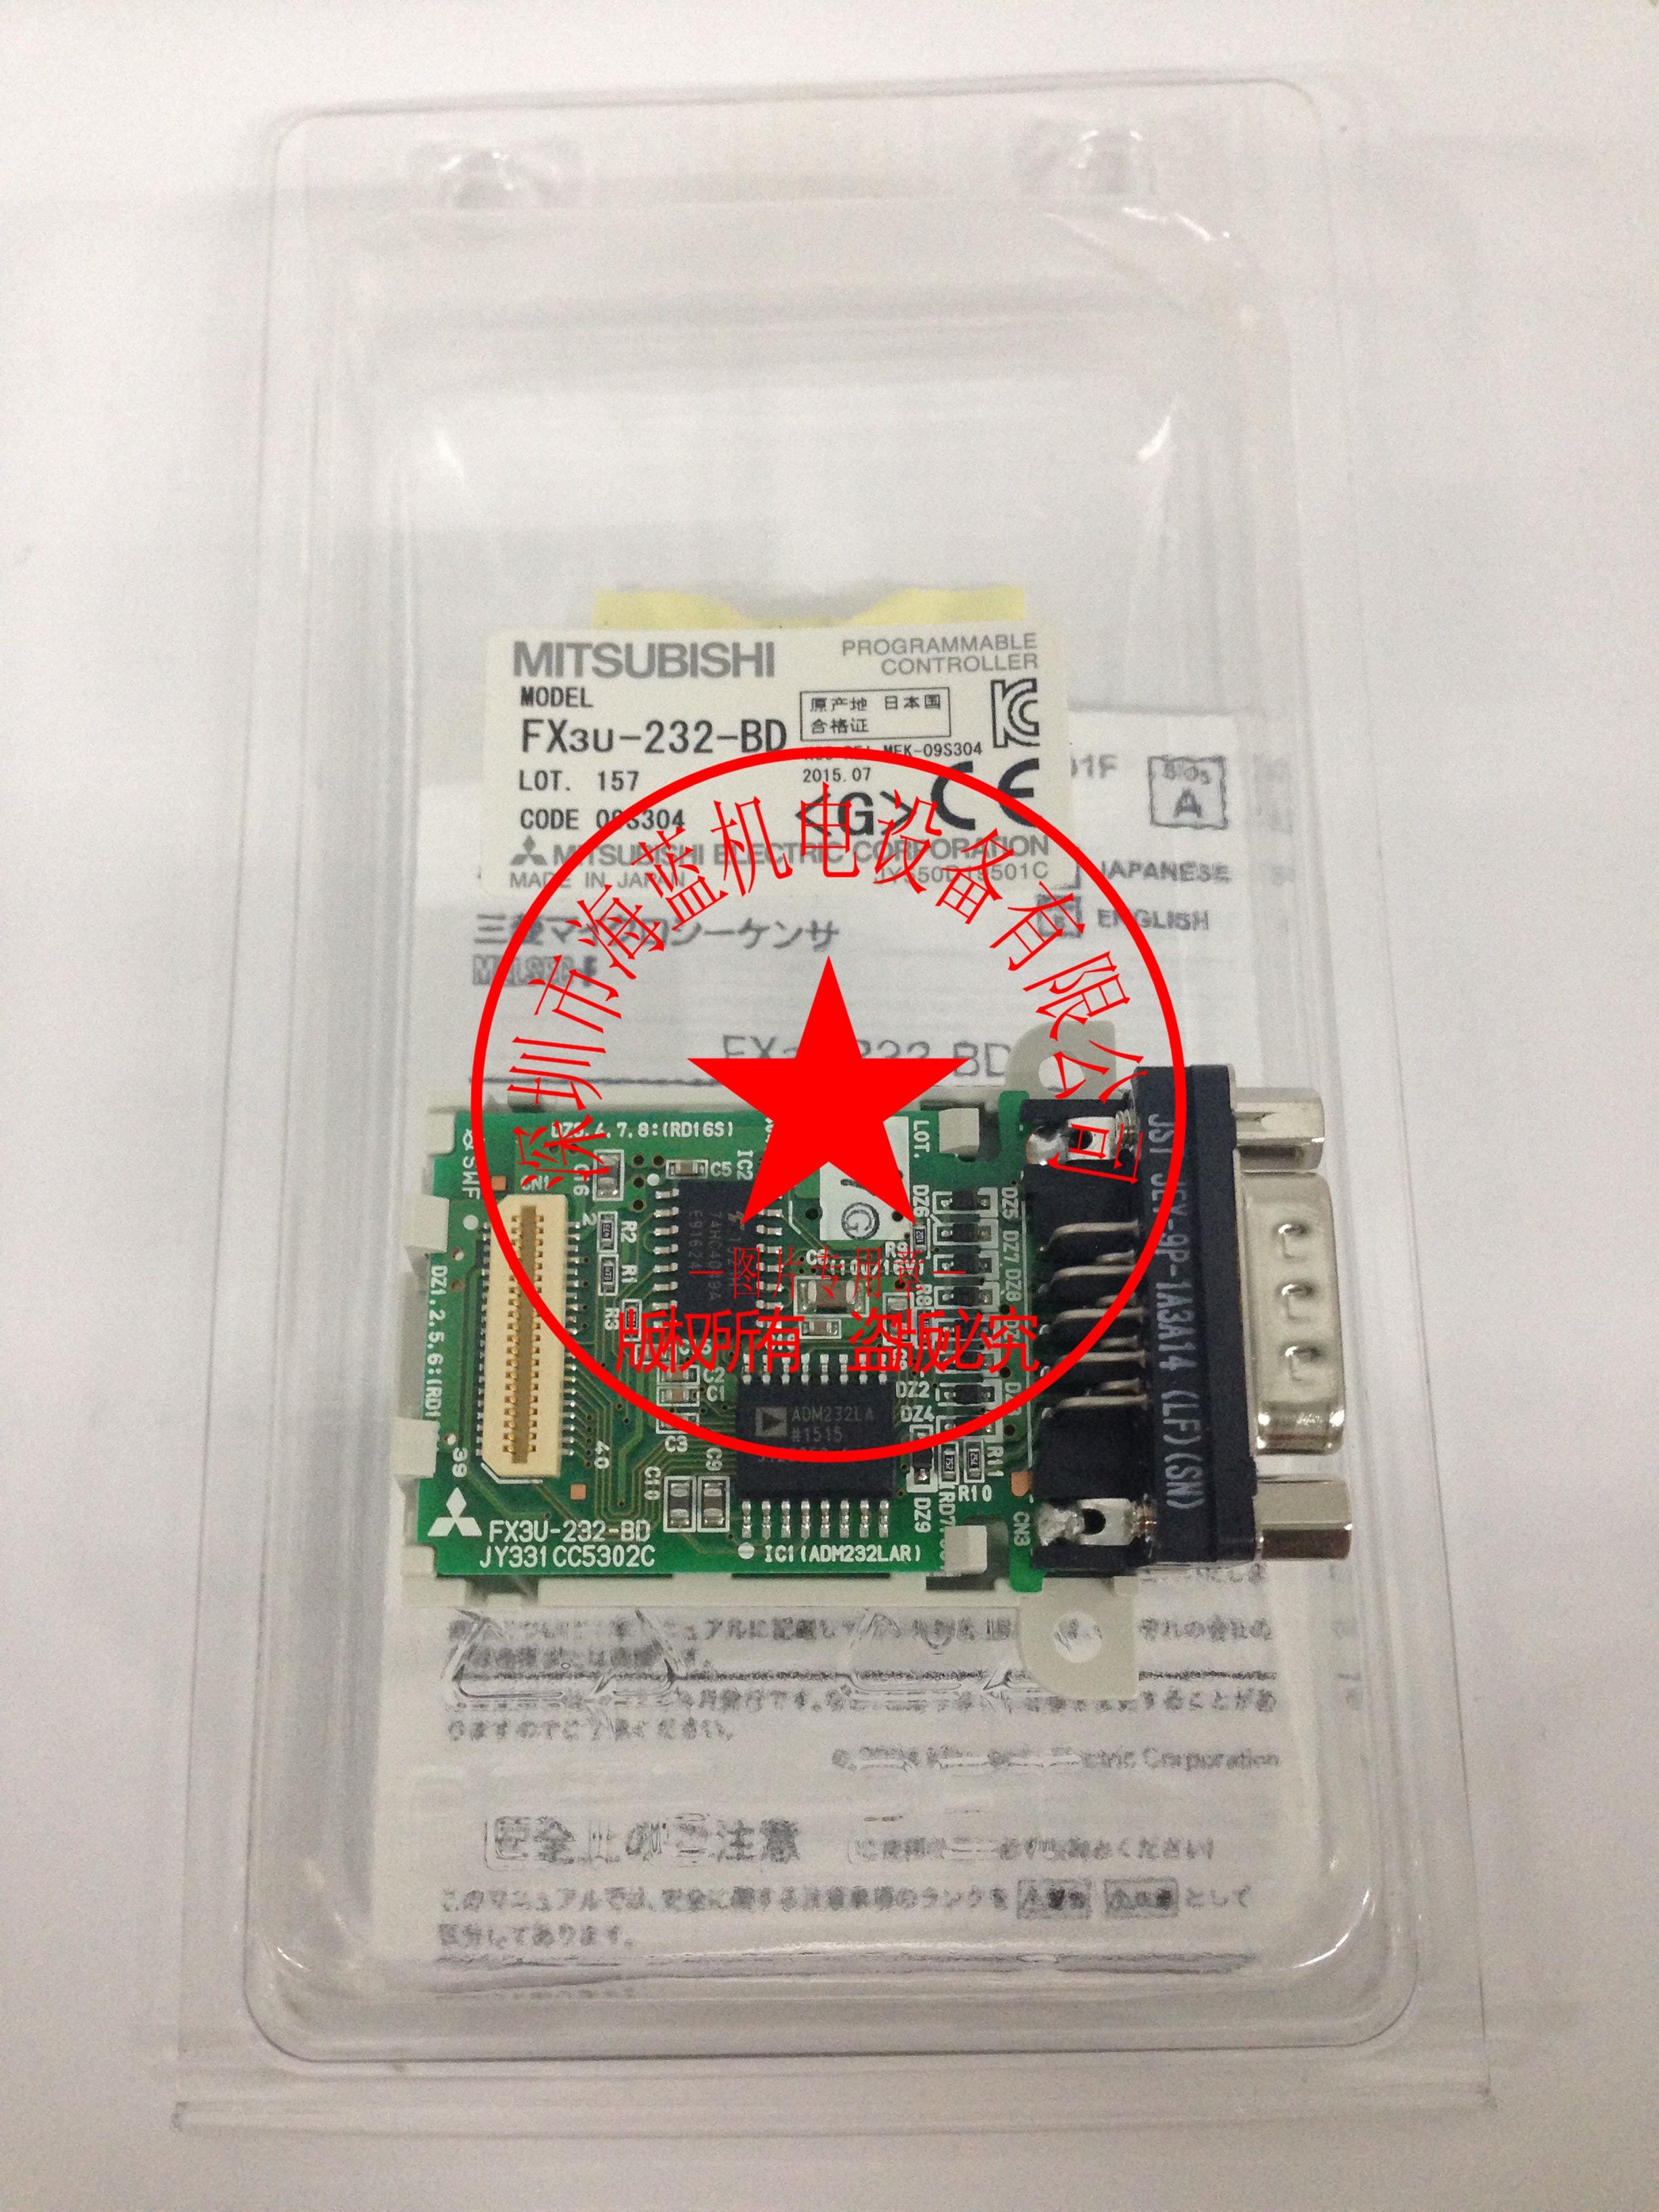 海蓝机电专业销售三菱原装PLC,三菱原装PLC模块,价格优惠,大量现货! FX3U-232-BD|三菱原装PLC模块|FX3U系列通讯模块|100%原装保证|假一赔十| 三菱FX3U-232-BD介绍: RS232串行通信扩展板,1通道 非绝缘(通信线与CPU之间)类型的RS-232C通信适配器 适合规格:CE(EMC),KC,DNV,LR 三菱FX3U-232-BD其它规格: 【传输距离】:最大15米 【外部机器连接方式】:D-SUB9Pin型连接器 【通信方式】:全双工双向 【通信程序】:非顺序,计算